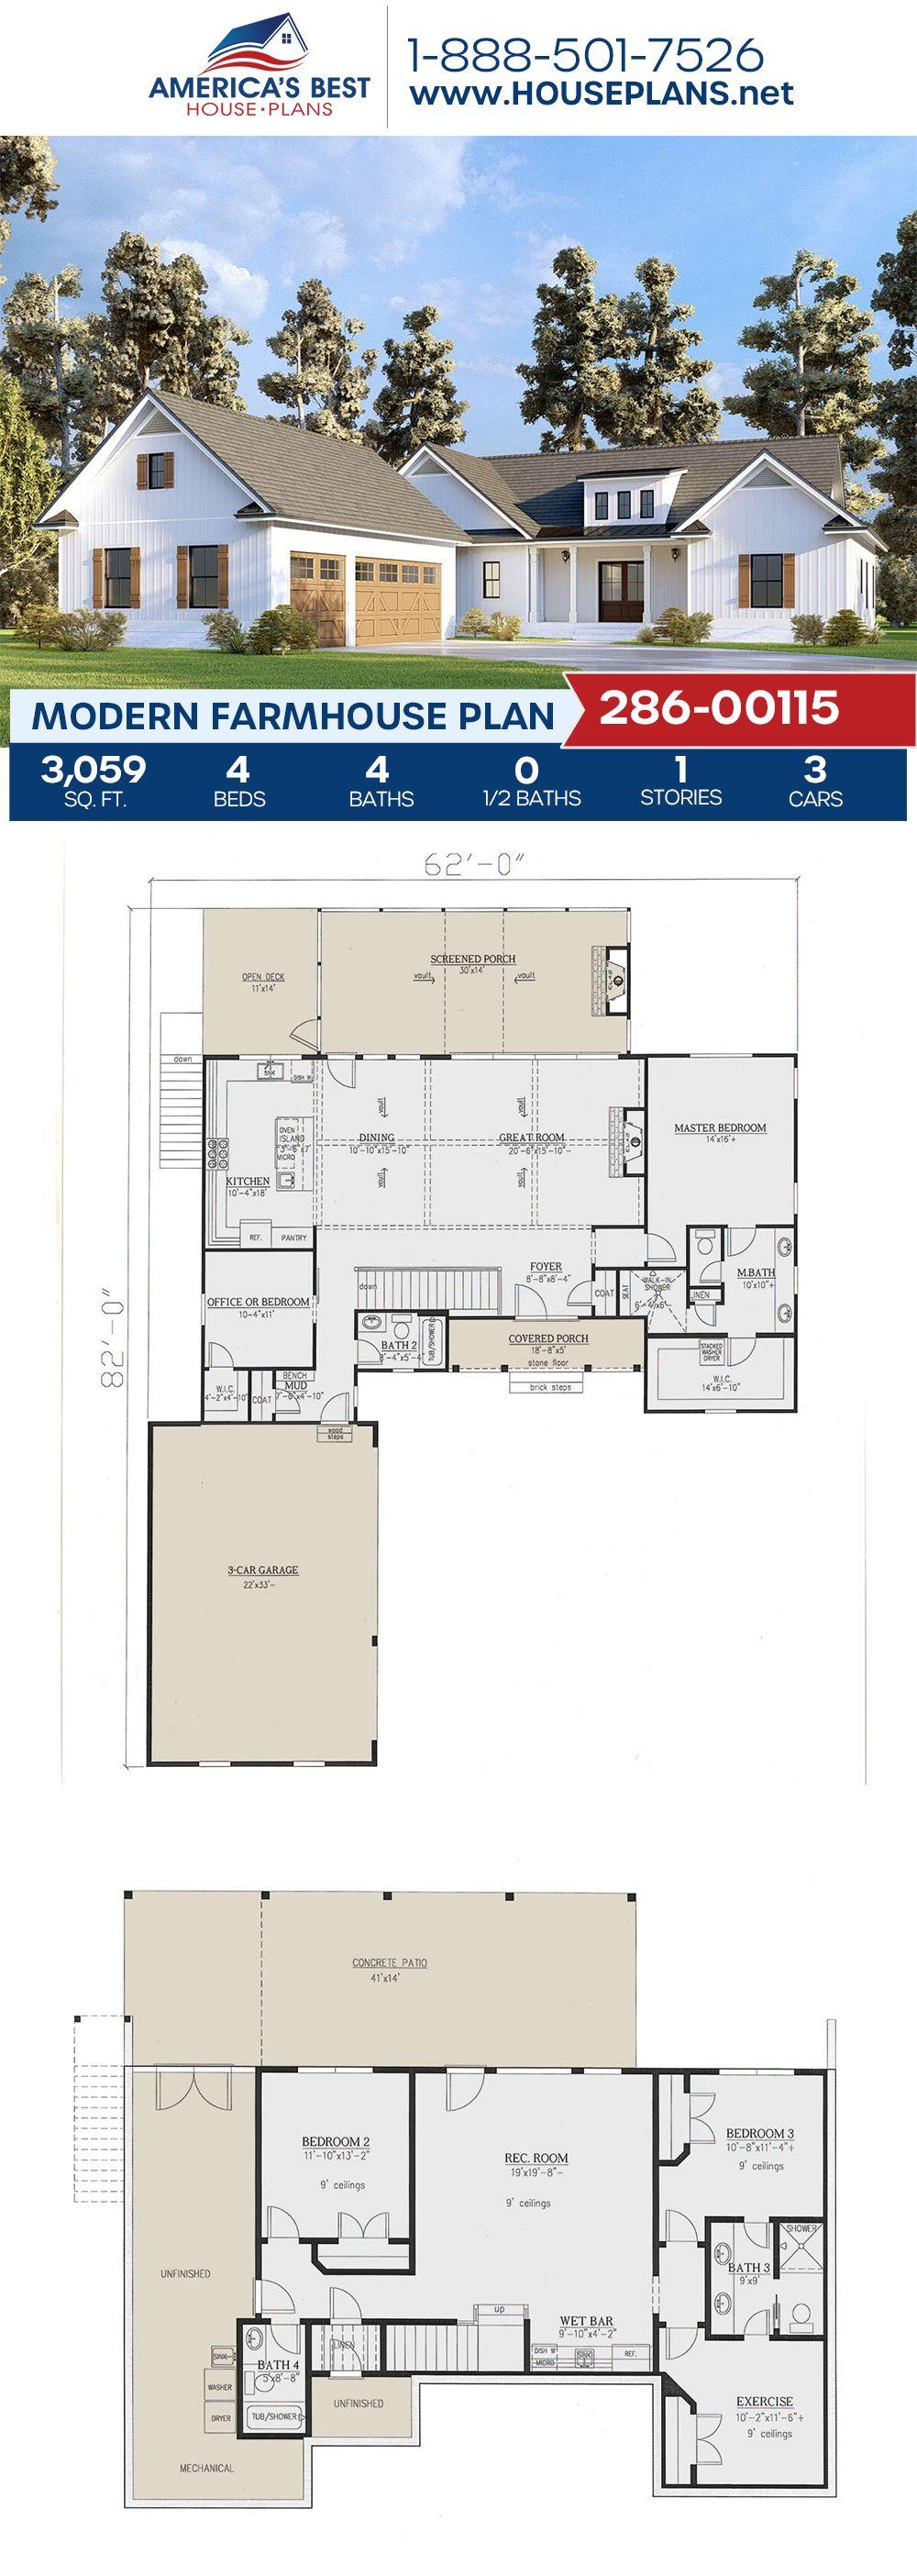 Modern Farmhouse Plan 286